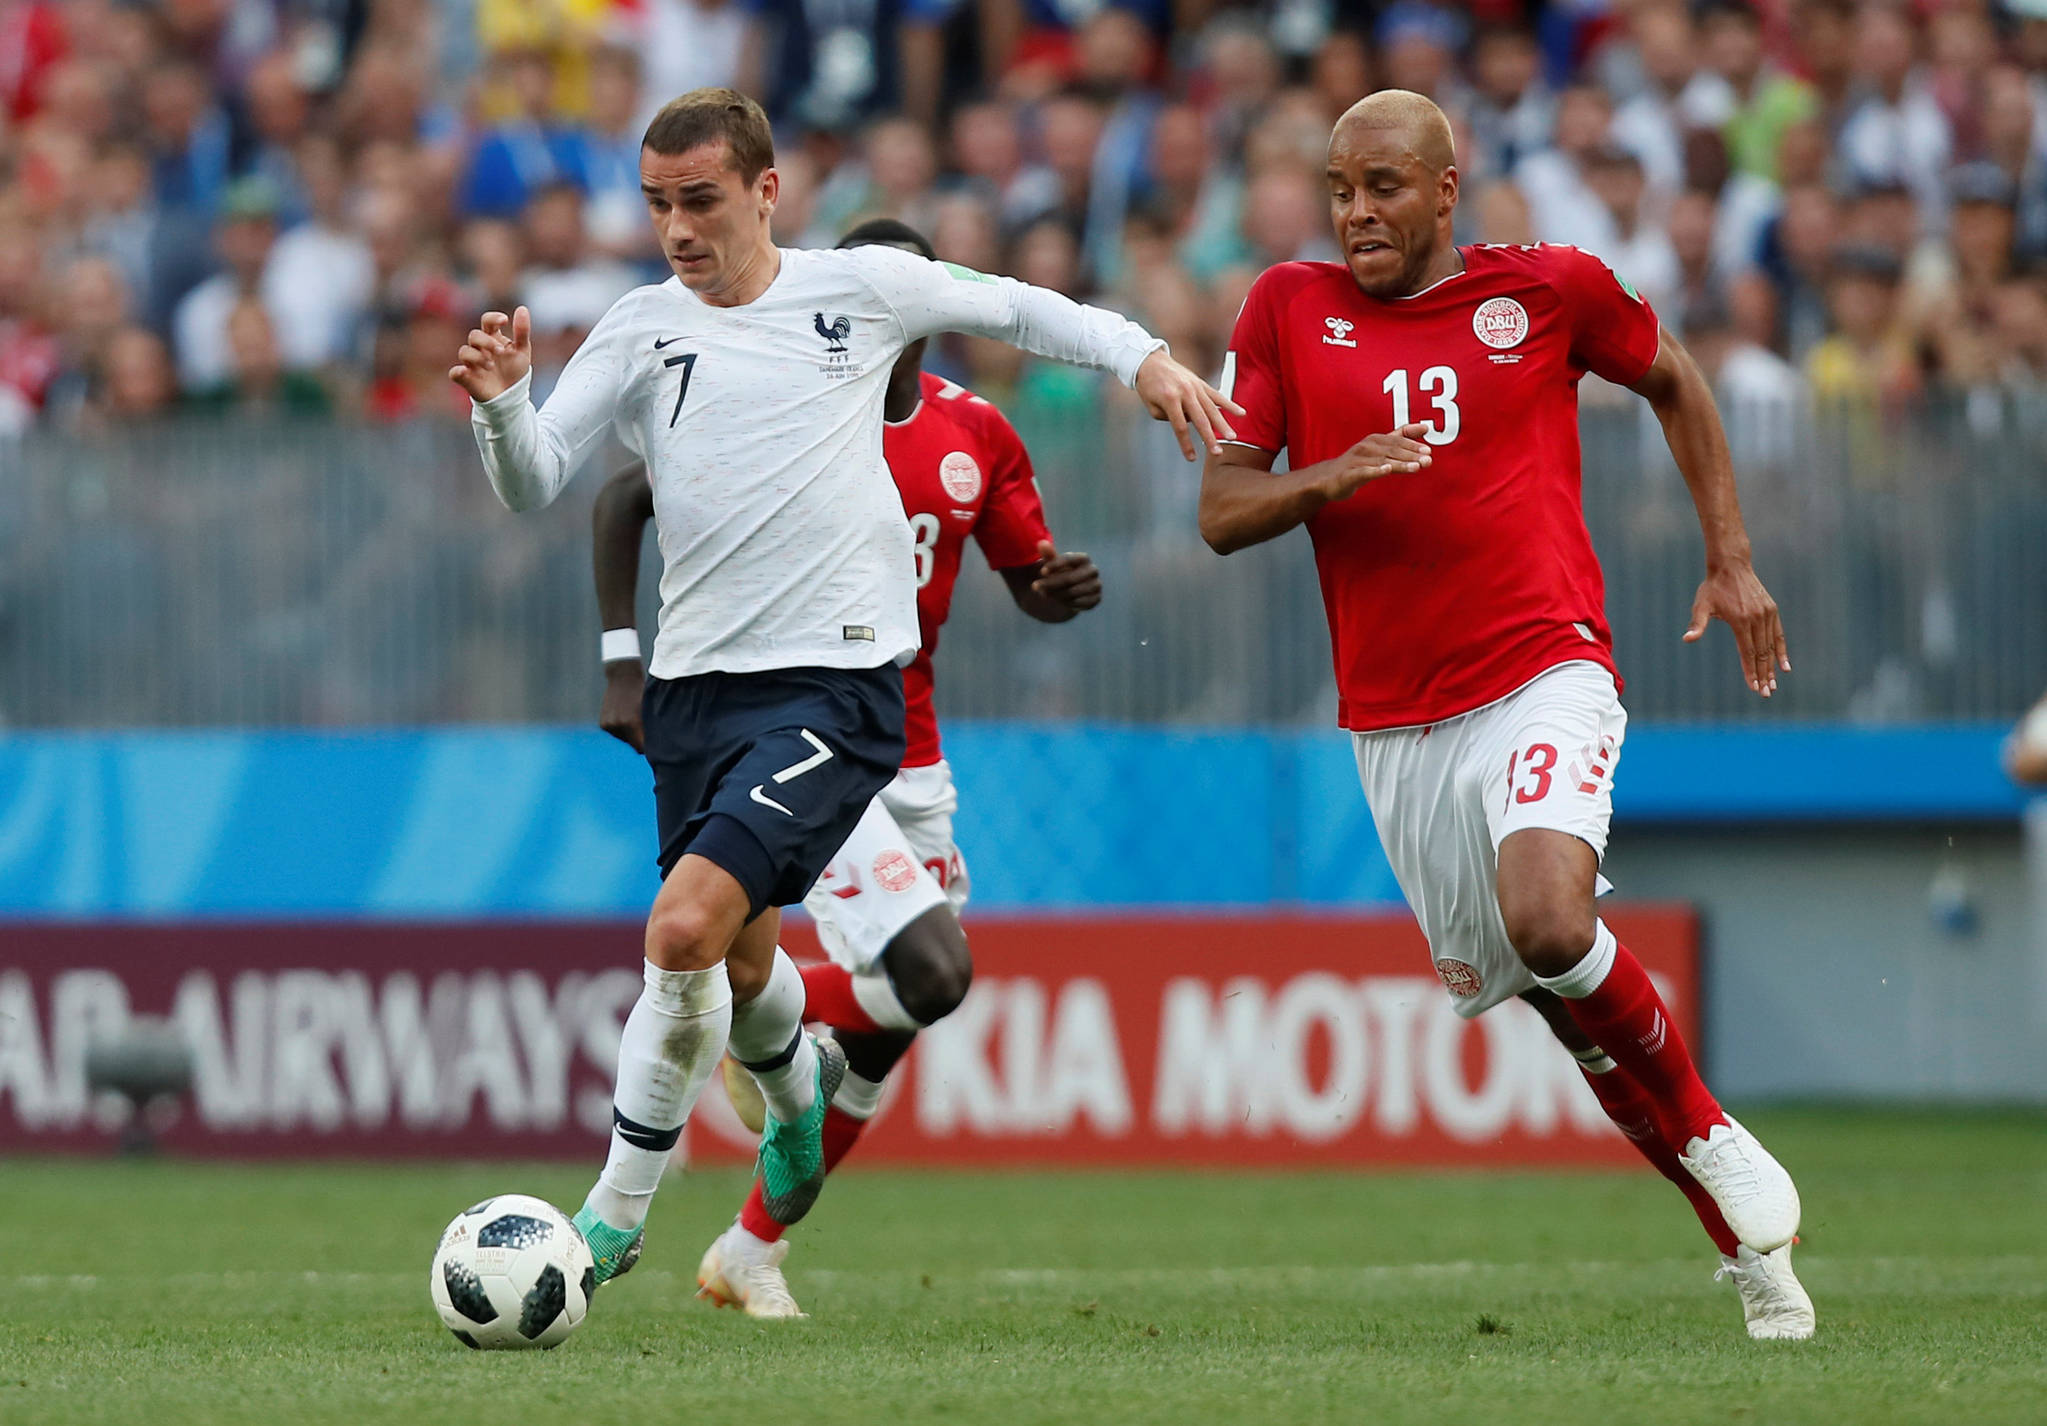 득점 침묵한 프랑스-덴마크, 나란히 16강 진출